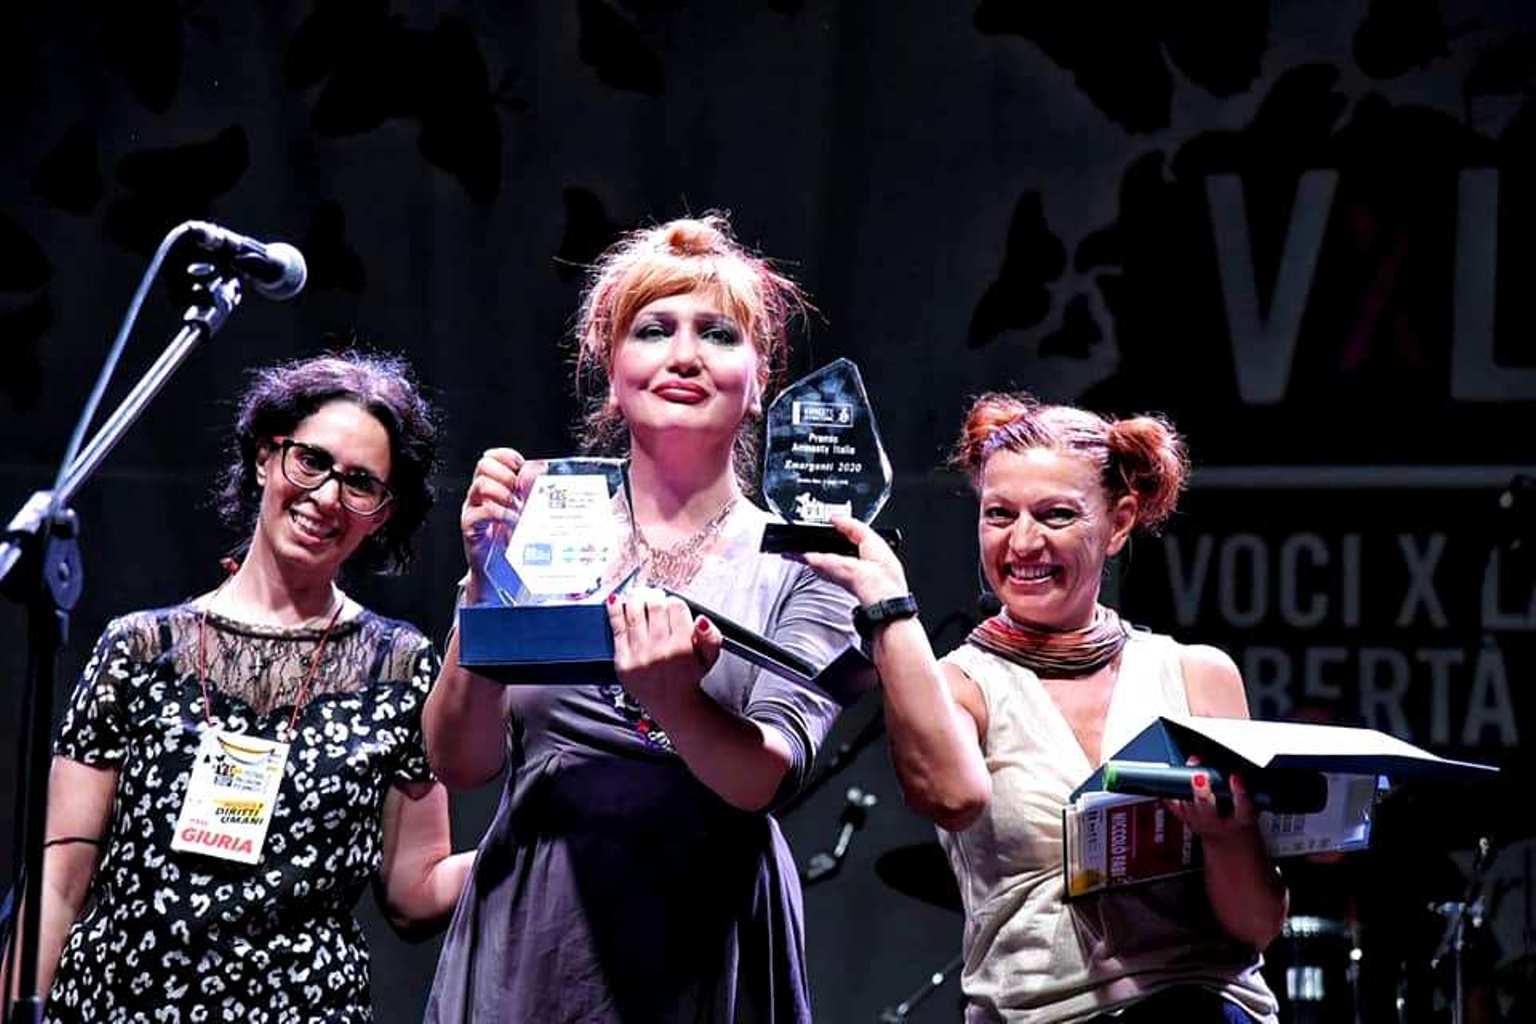 H.E.R. vince Premio Amnesty contro discriminazioni.